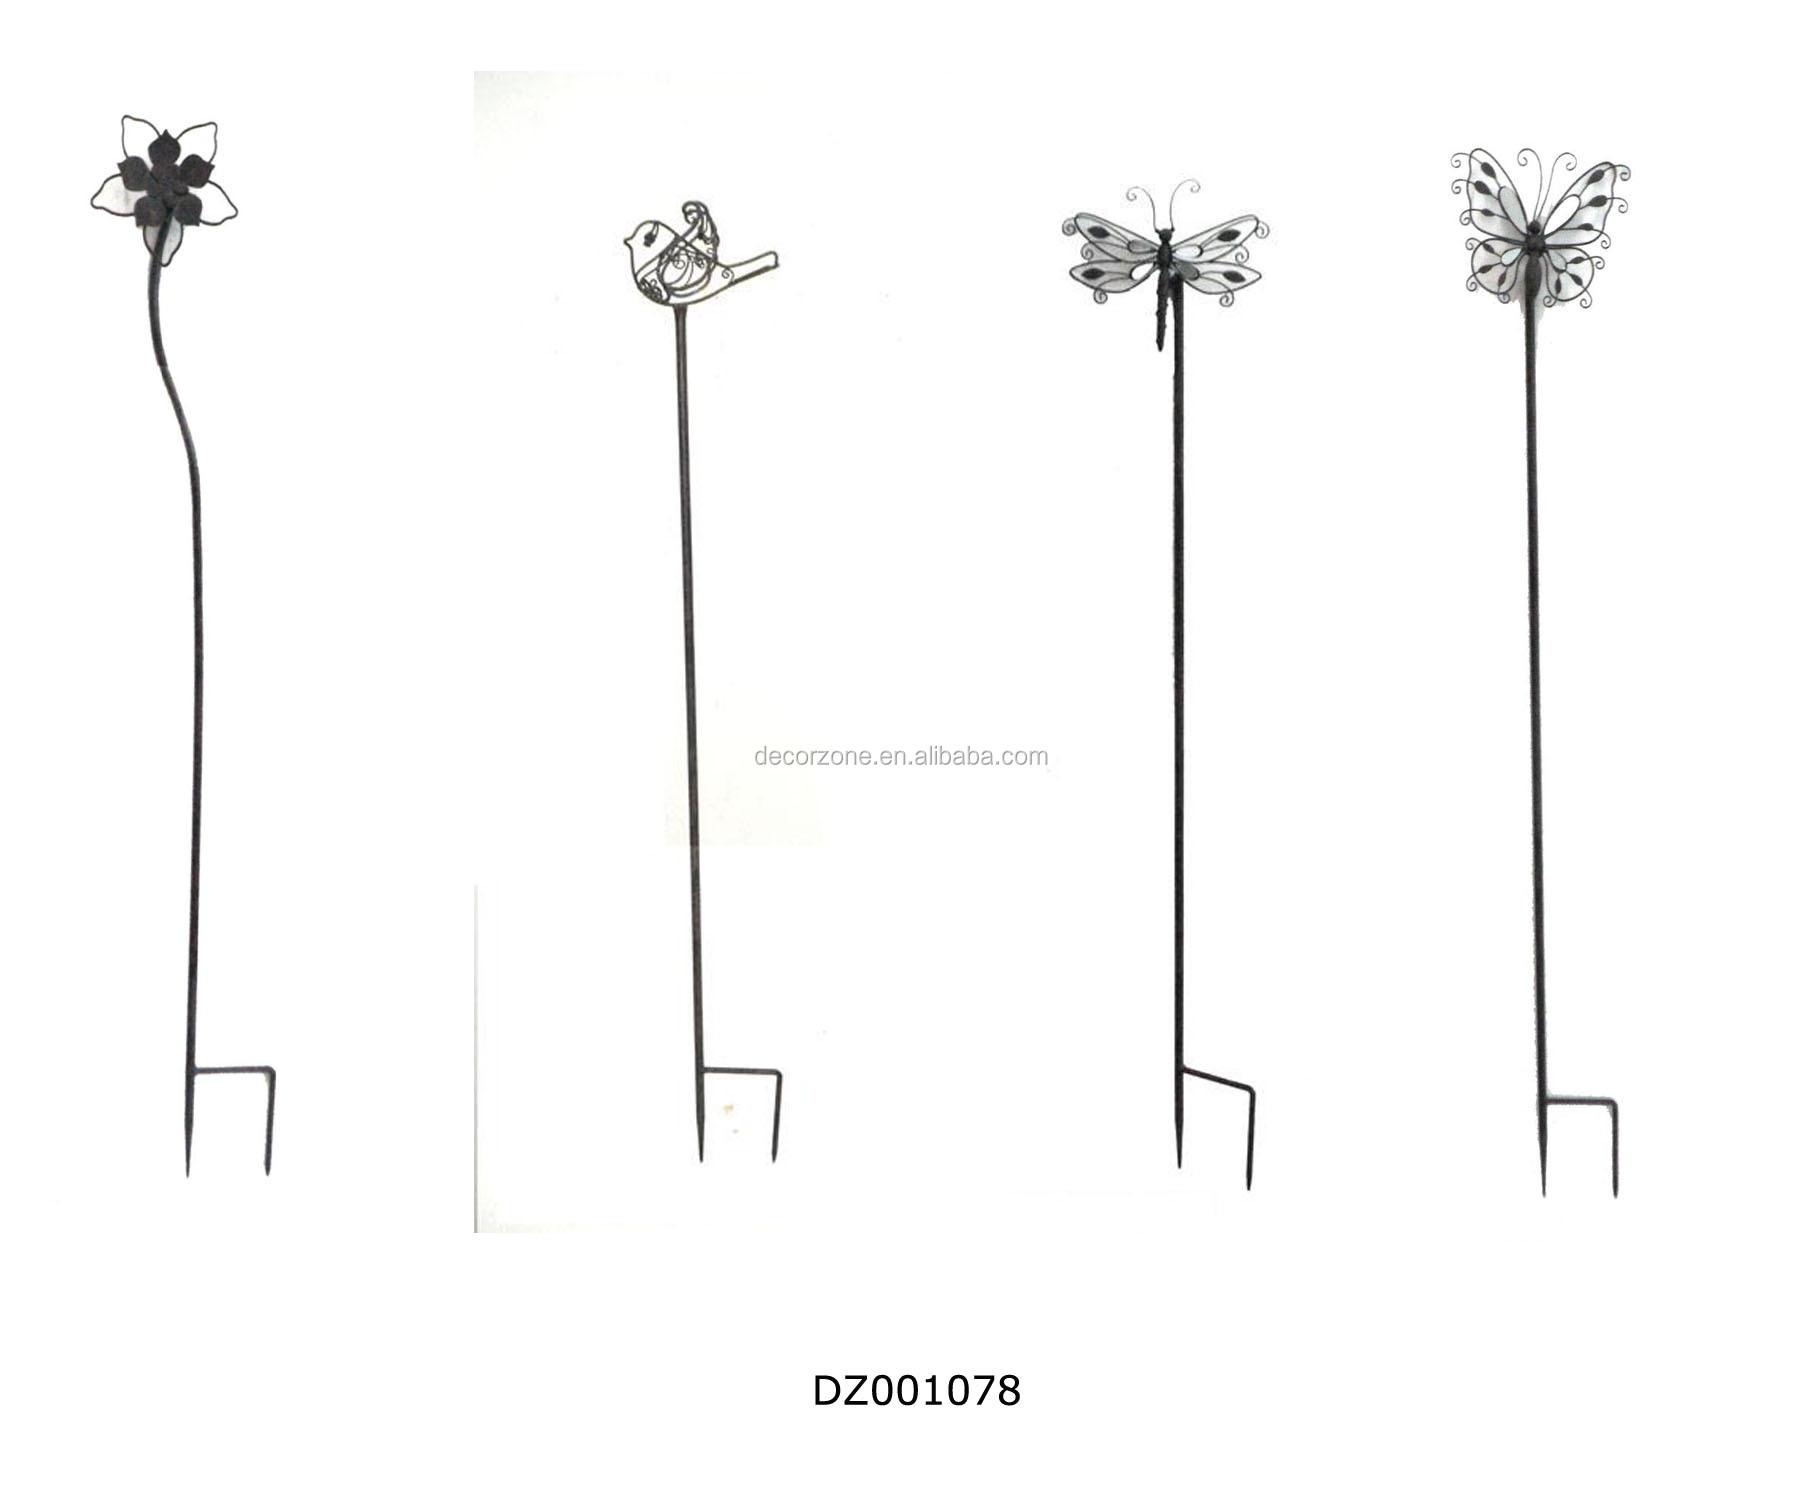 Metal Decorative Flowerbirddragonflybutterfly Garden Stakes